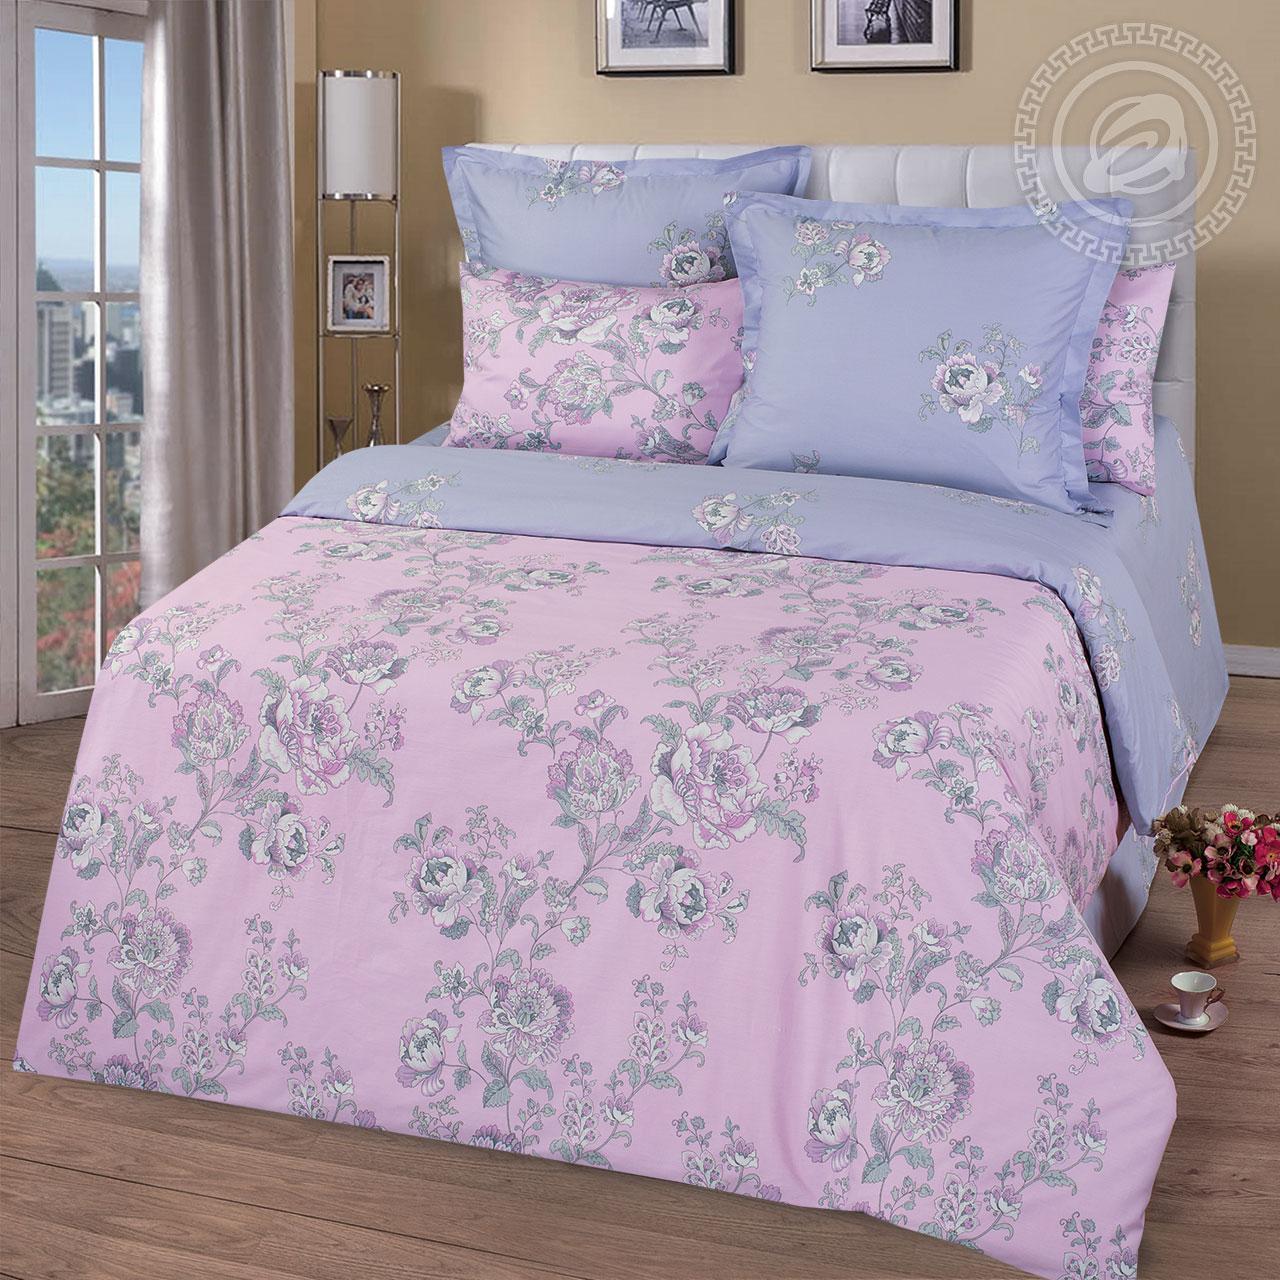 Постельное белье Джейн (сатин) (1,5 спальный) постельное белье пузыри сатин 1 5 спальный